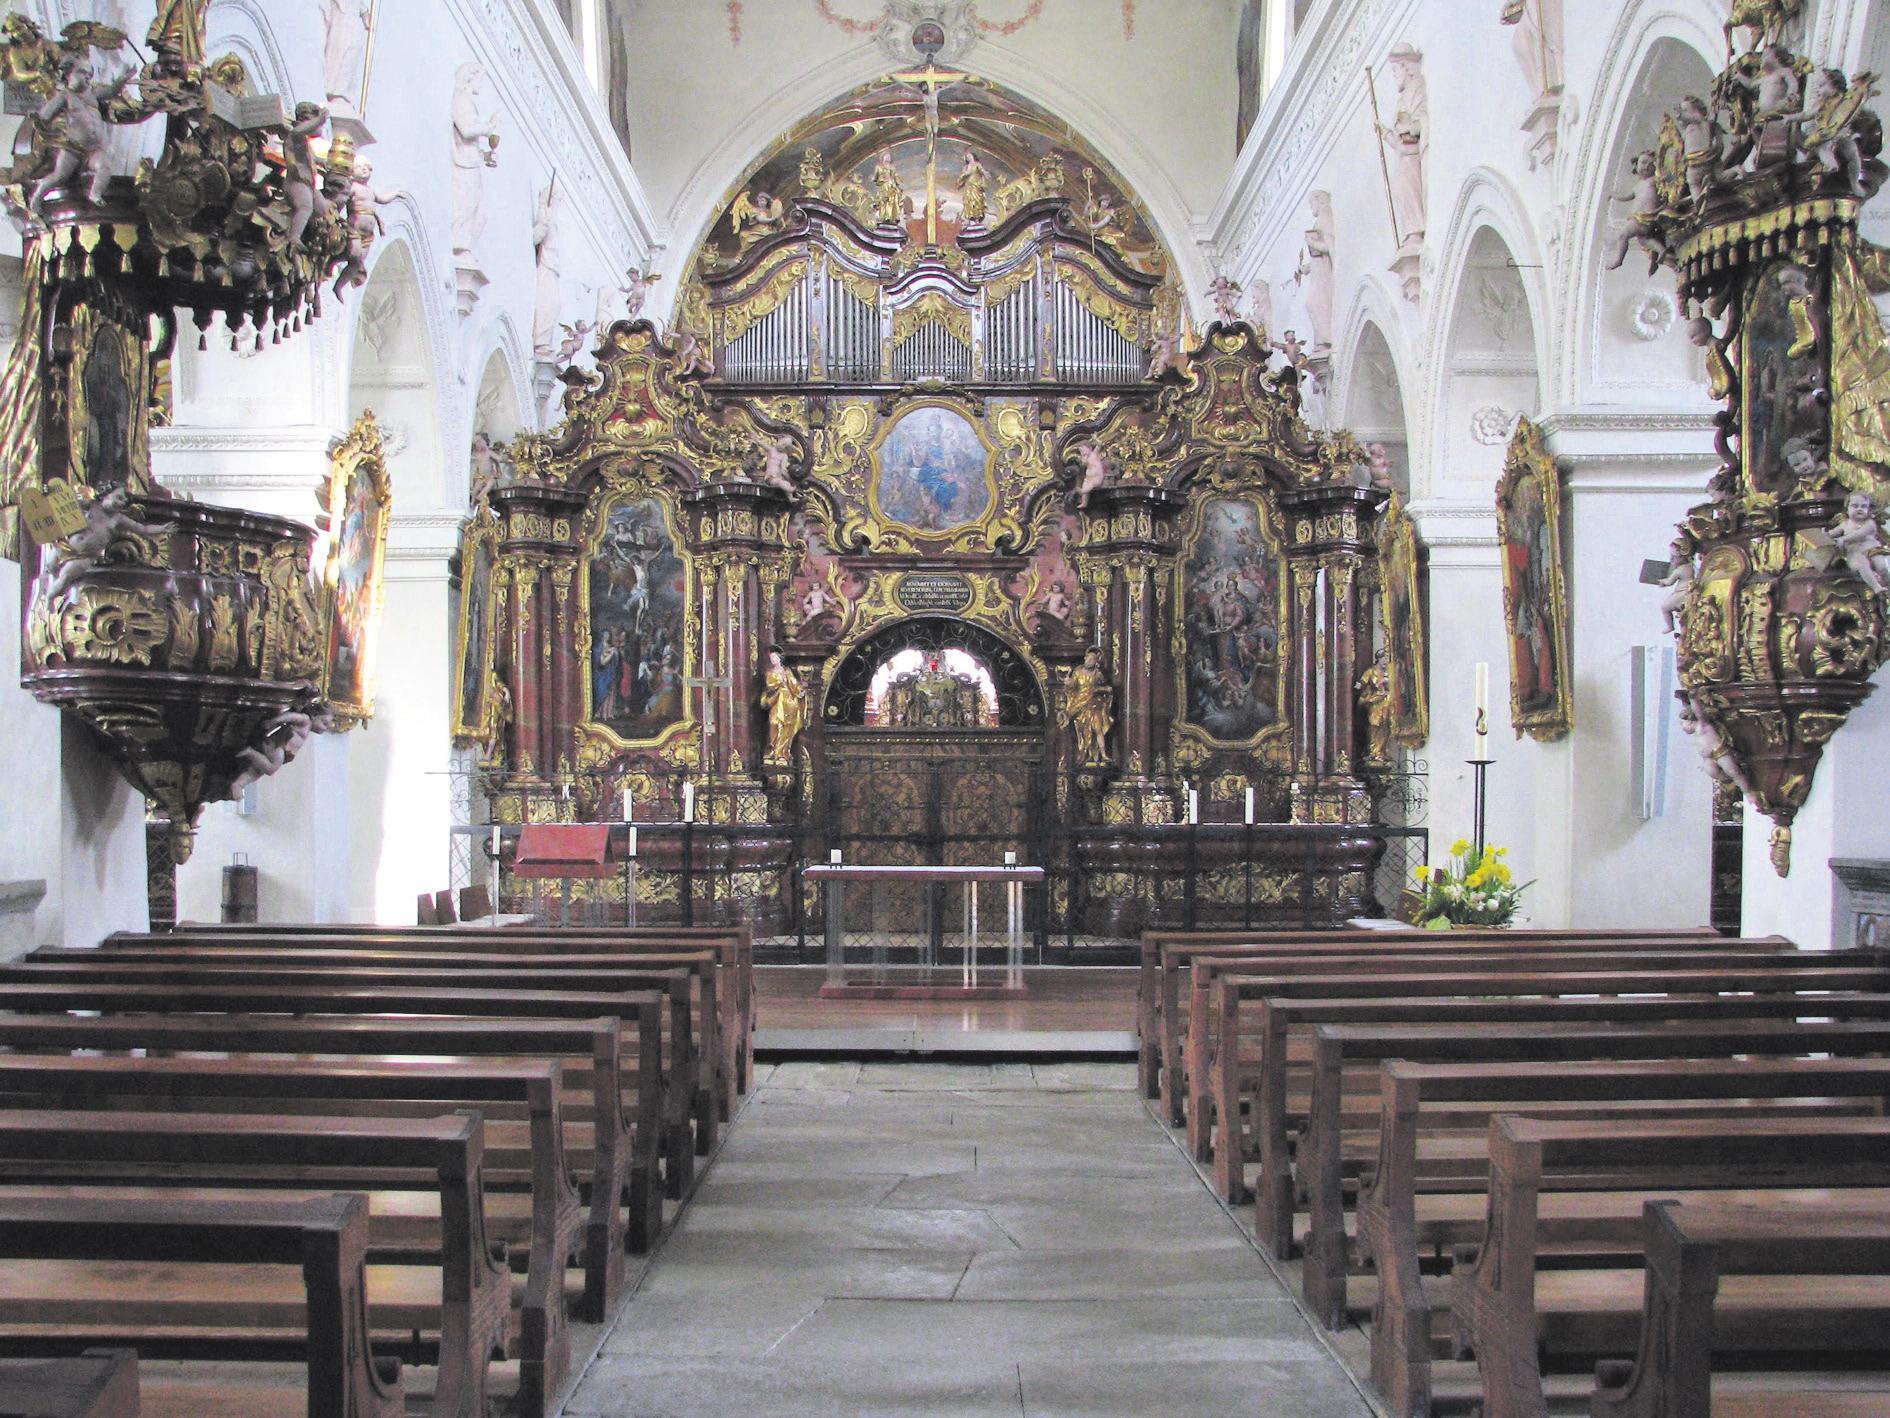 Die prachtvolle Wettinger Klosterkirche kann auf eigene Faust oder mittels Führung besichtigt werden. Bild: Archiv